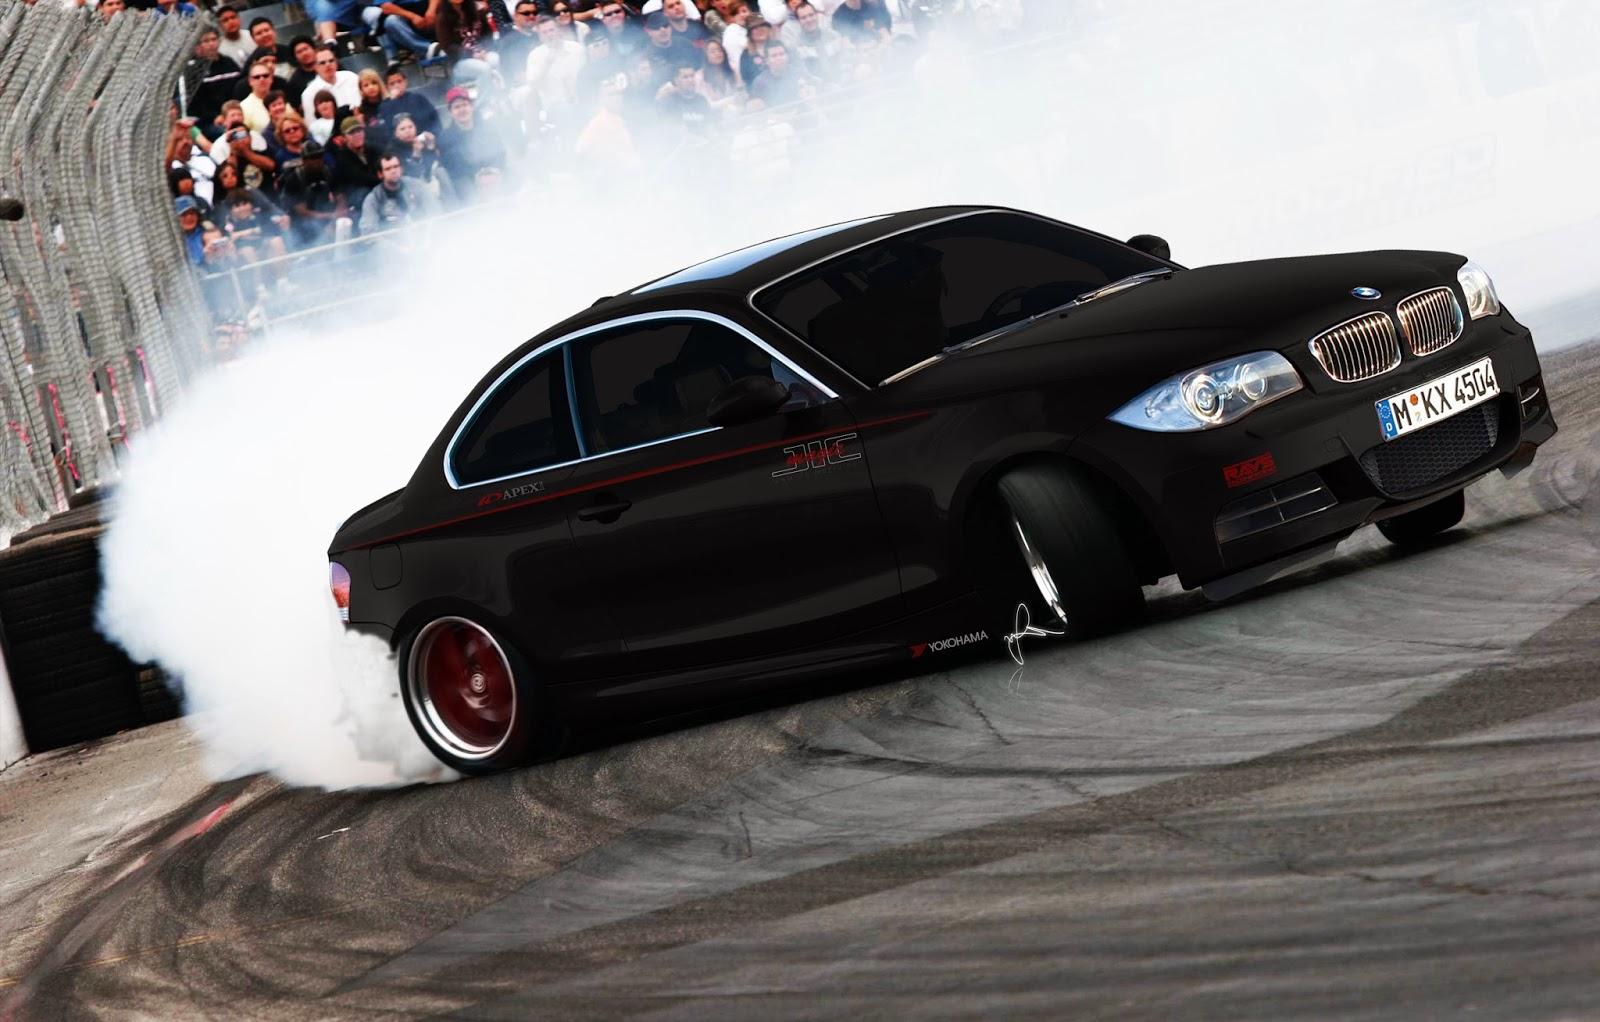 Cars drifting bmw drift wallpaper hd - Drift car wallpaper ...